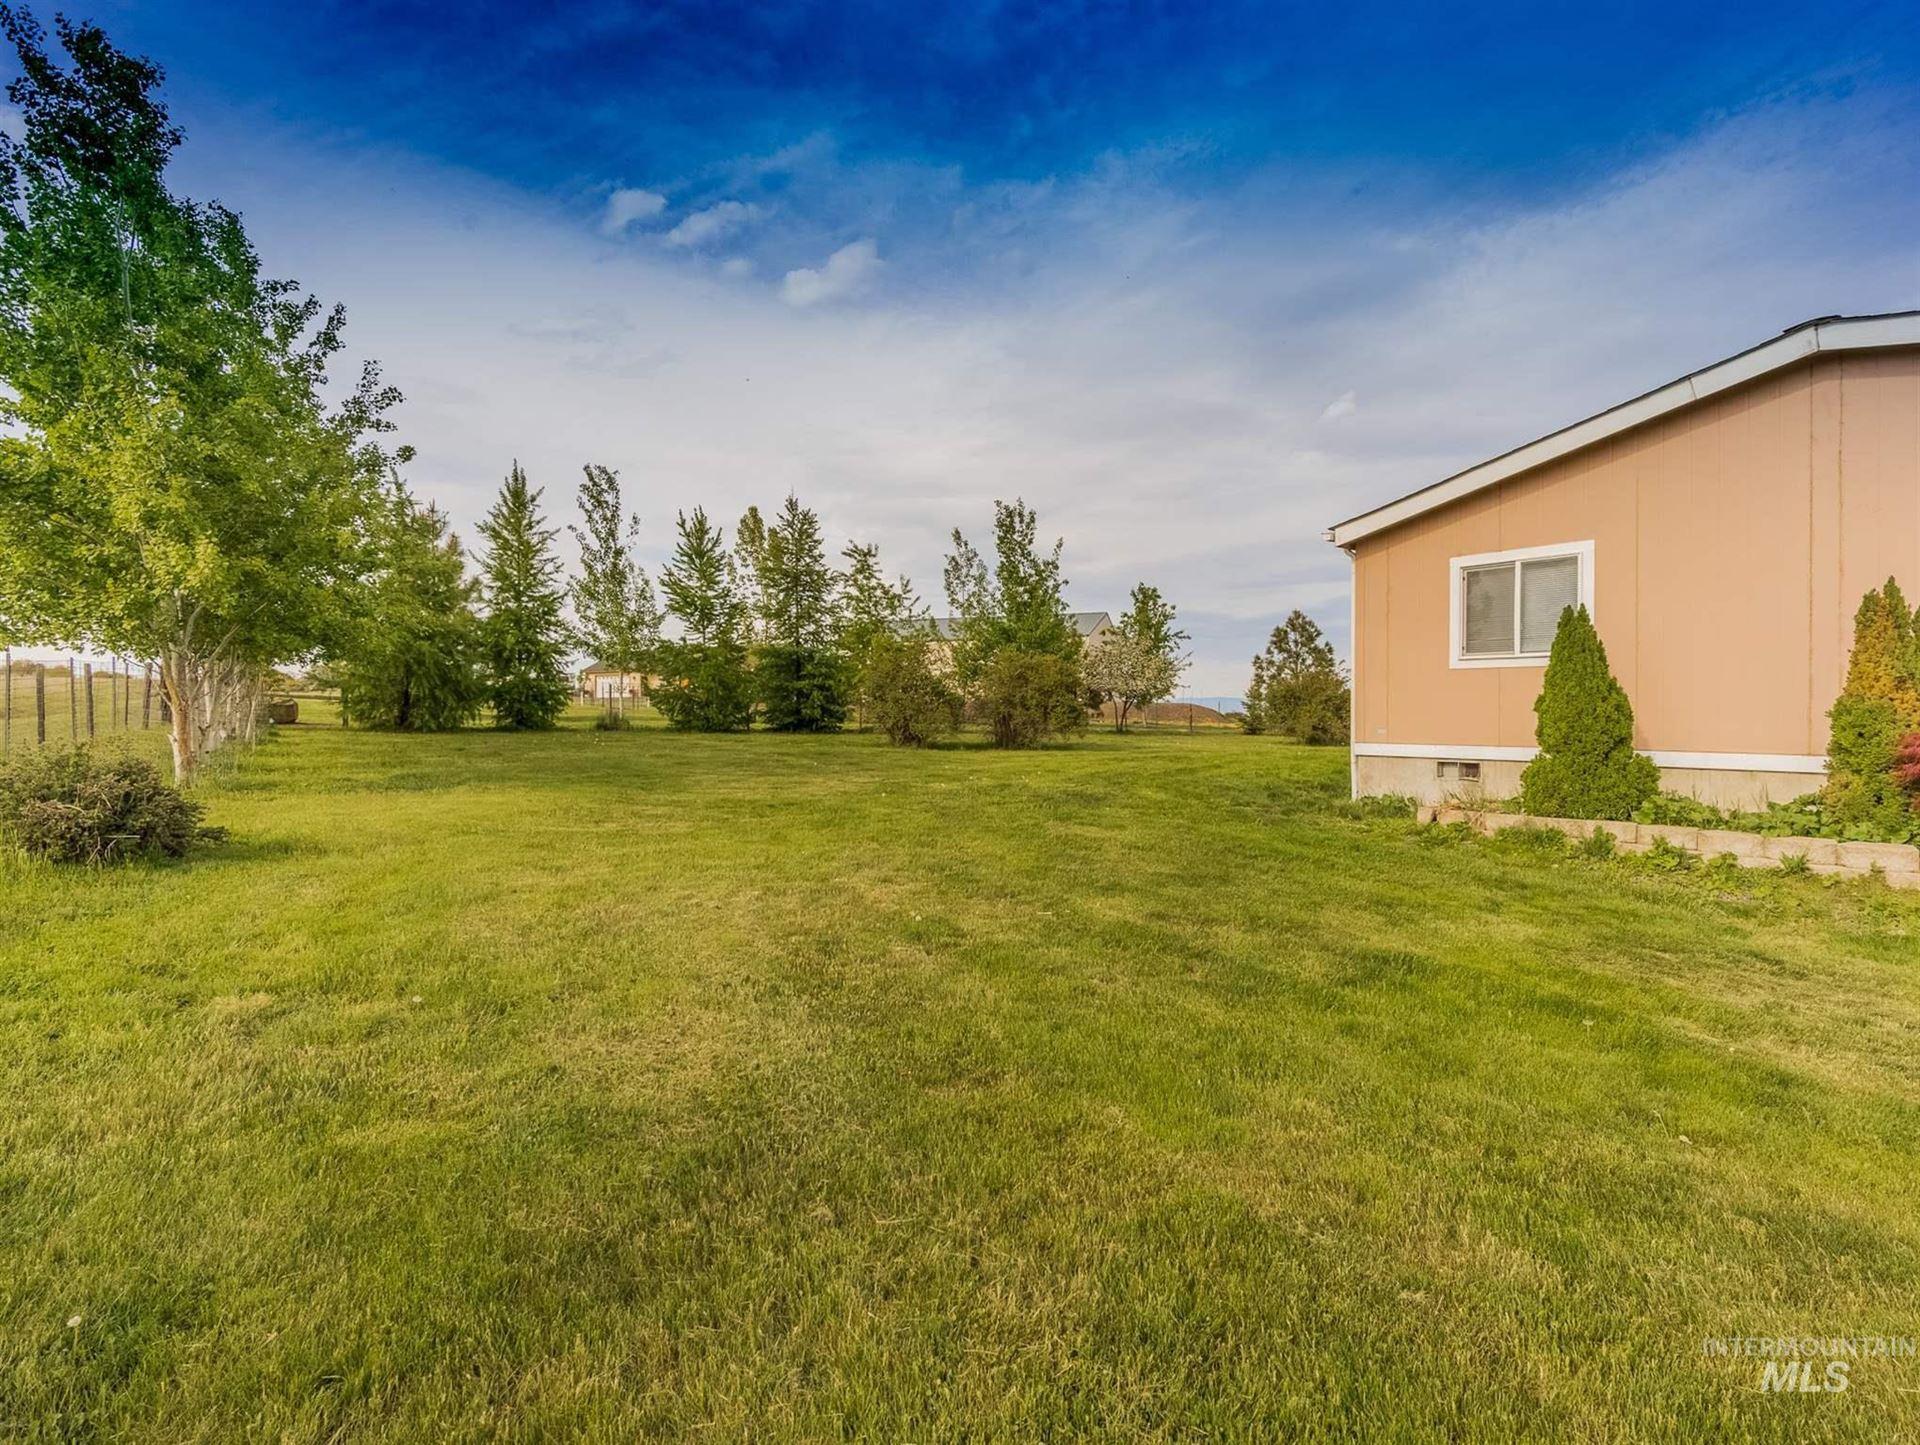 Photo of 151 Golden Acres Drive, Grangeville, ID 83530 (MLS # 98803302)